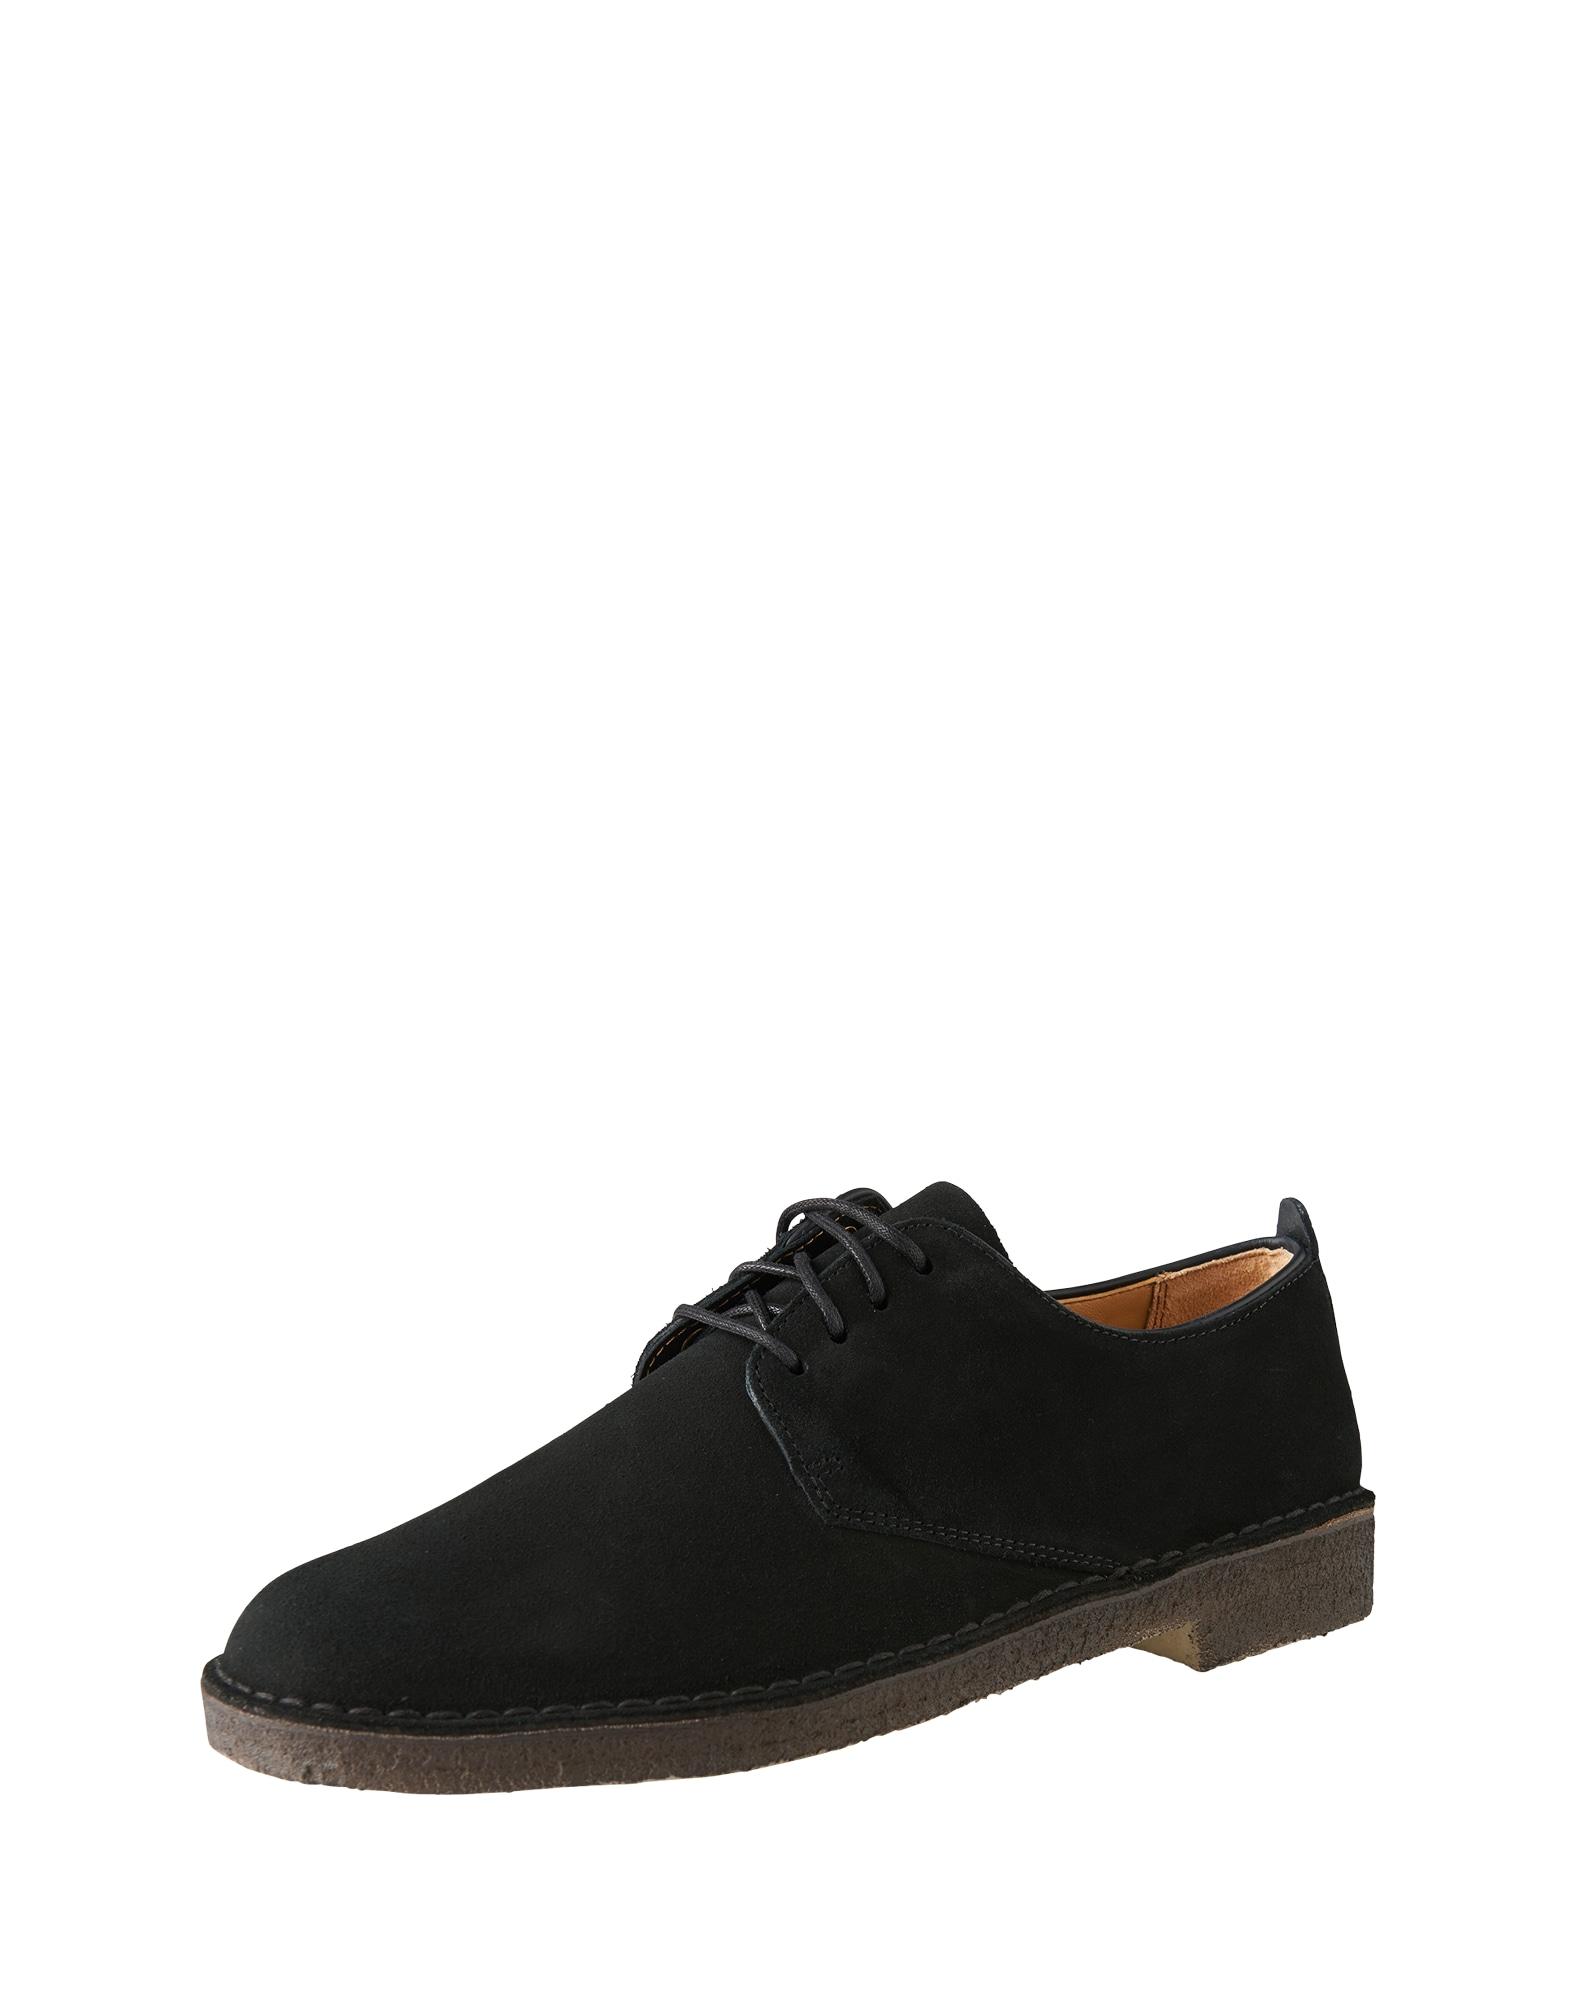 Šněrovací boty Desert London černá Clarks Originals